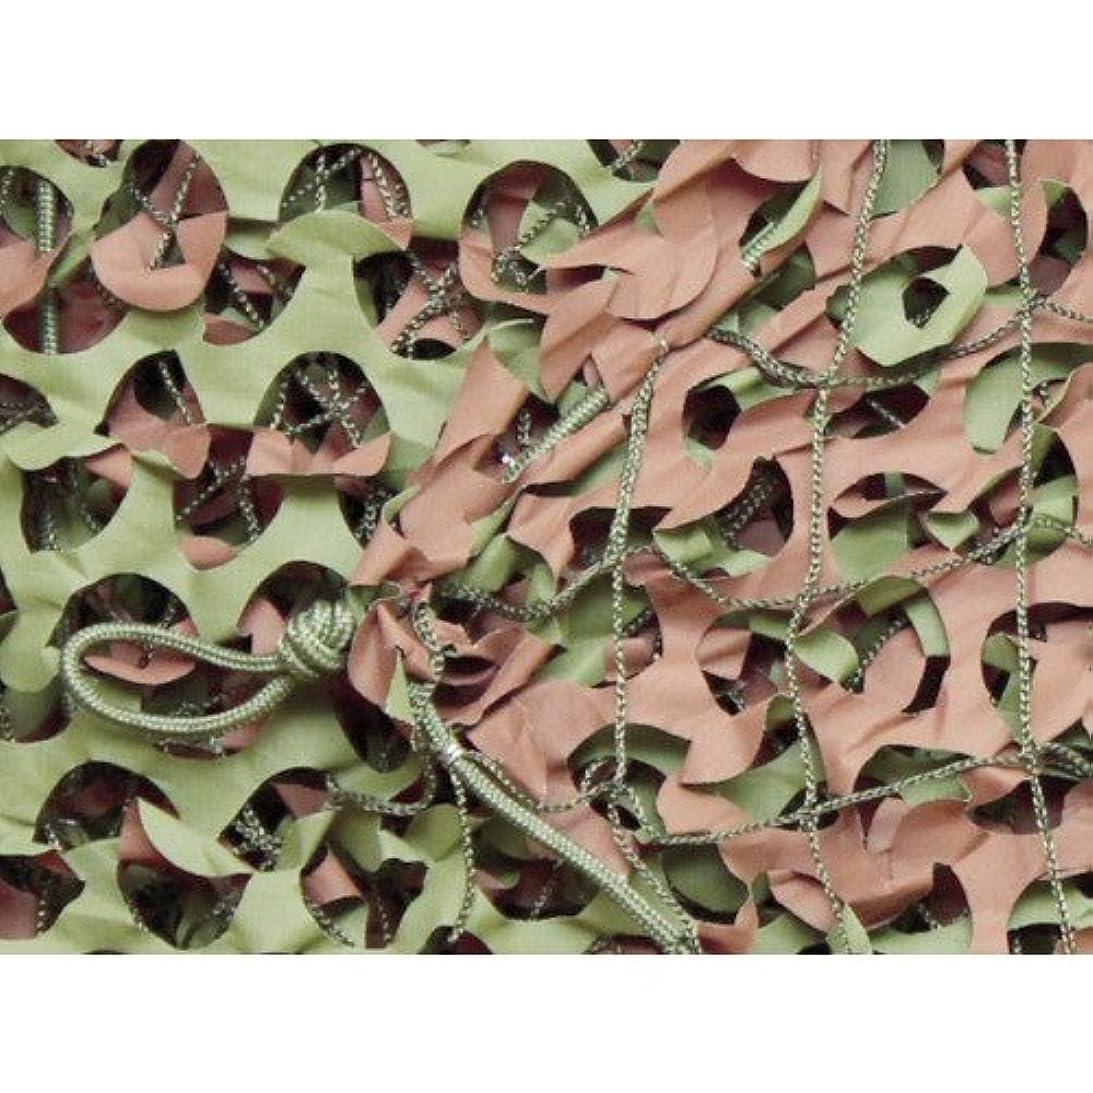 限定中央識別トラスコ中山 CAMO ベーシック レギュラーXミリタリー グリーン&ブラウン 1.8mX6m WM13